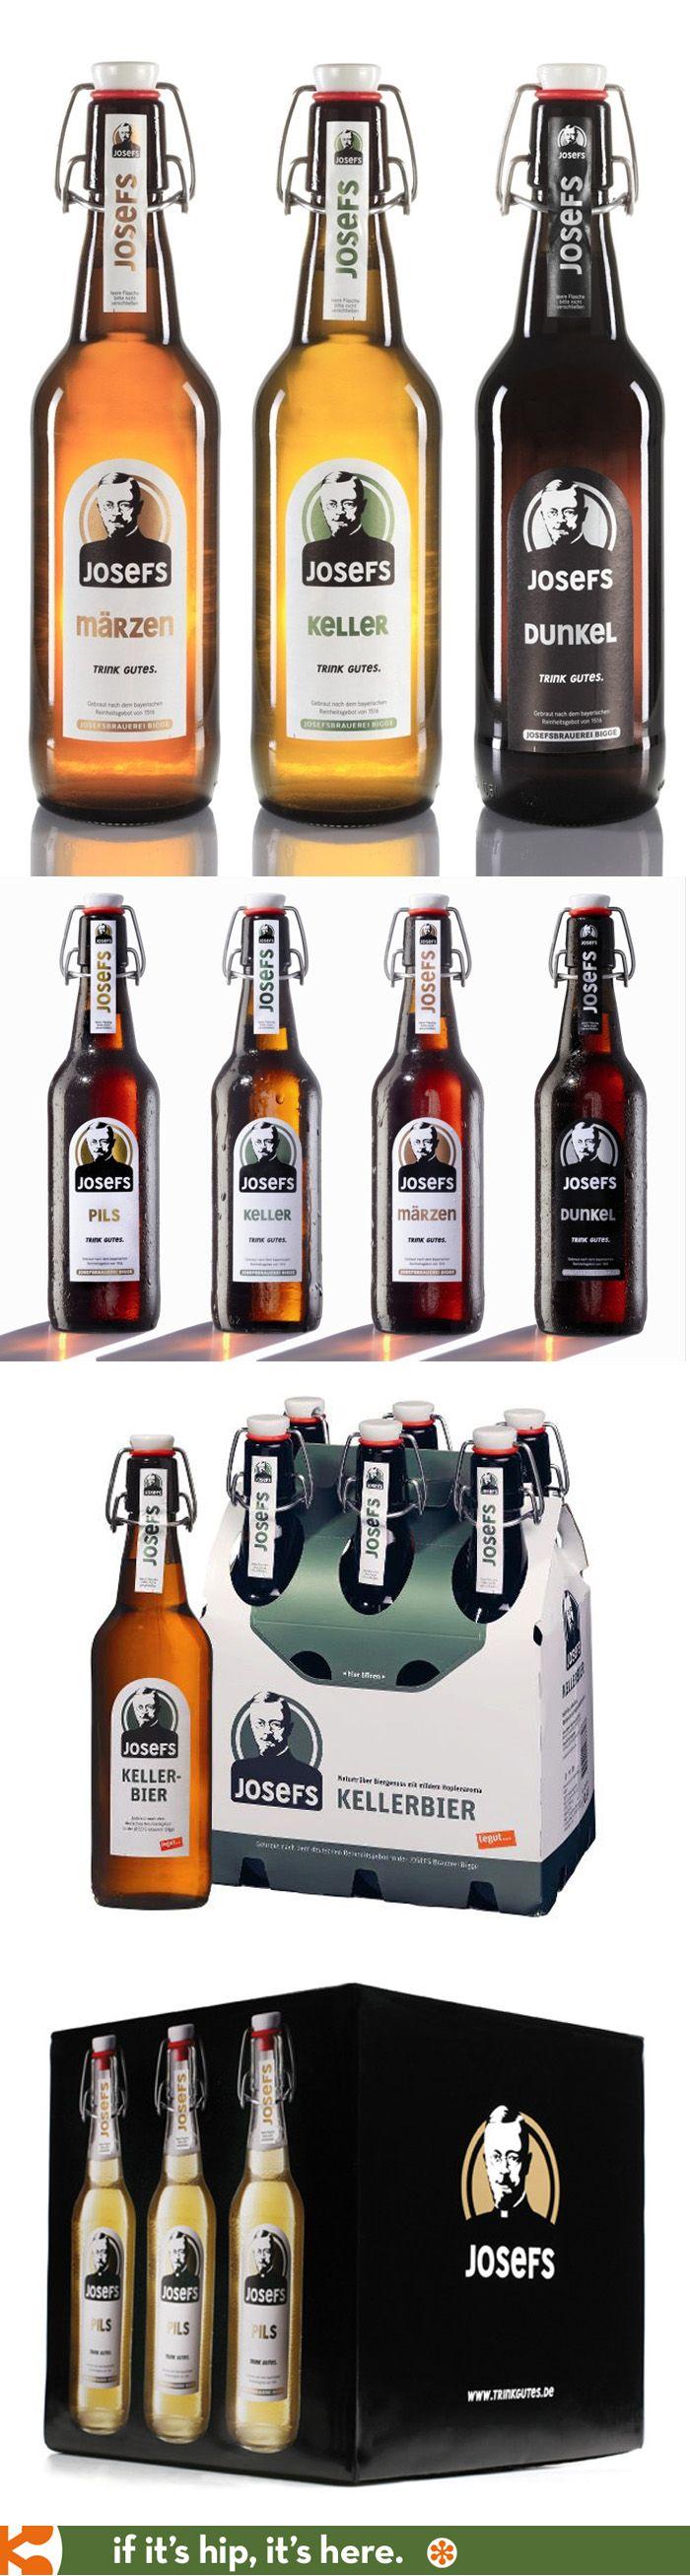 die besten 17 ideen zu bierflaschen auf pinterest bier basteln mit kronkorken und kronkorken. Black Bedroom Furniture Sets. Home Design Ideas